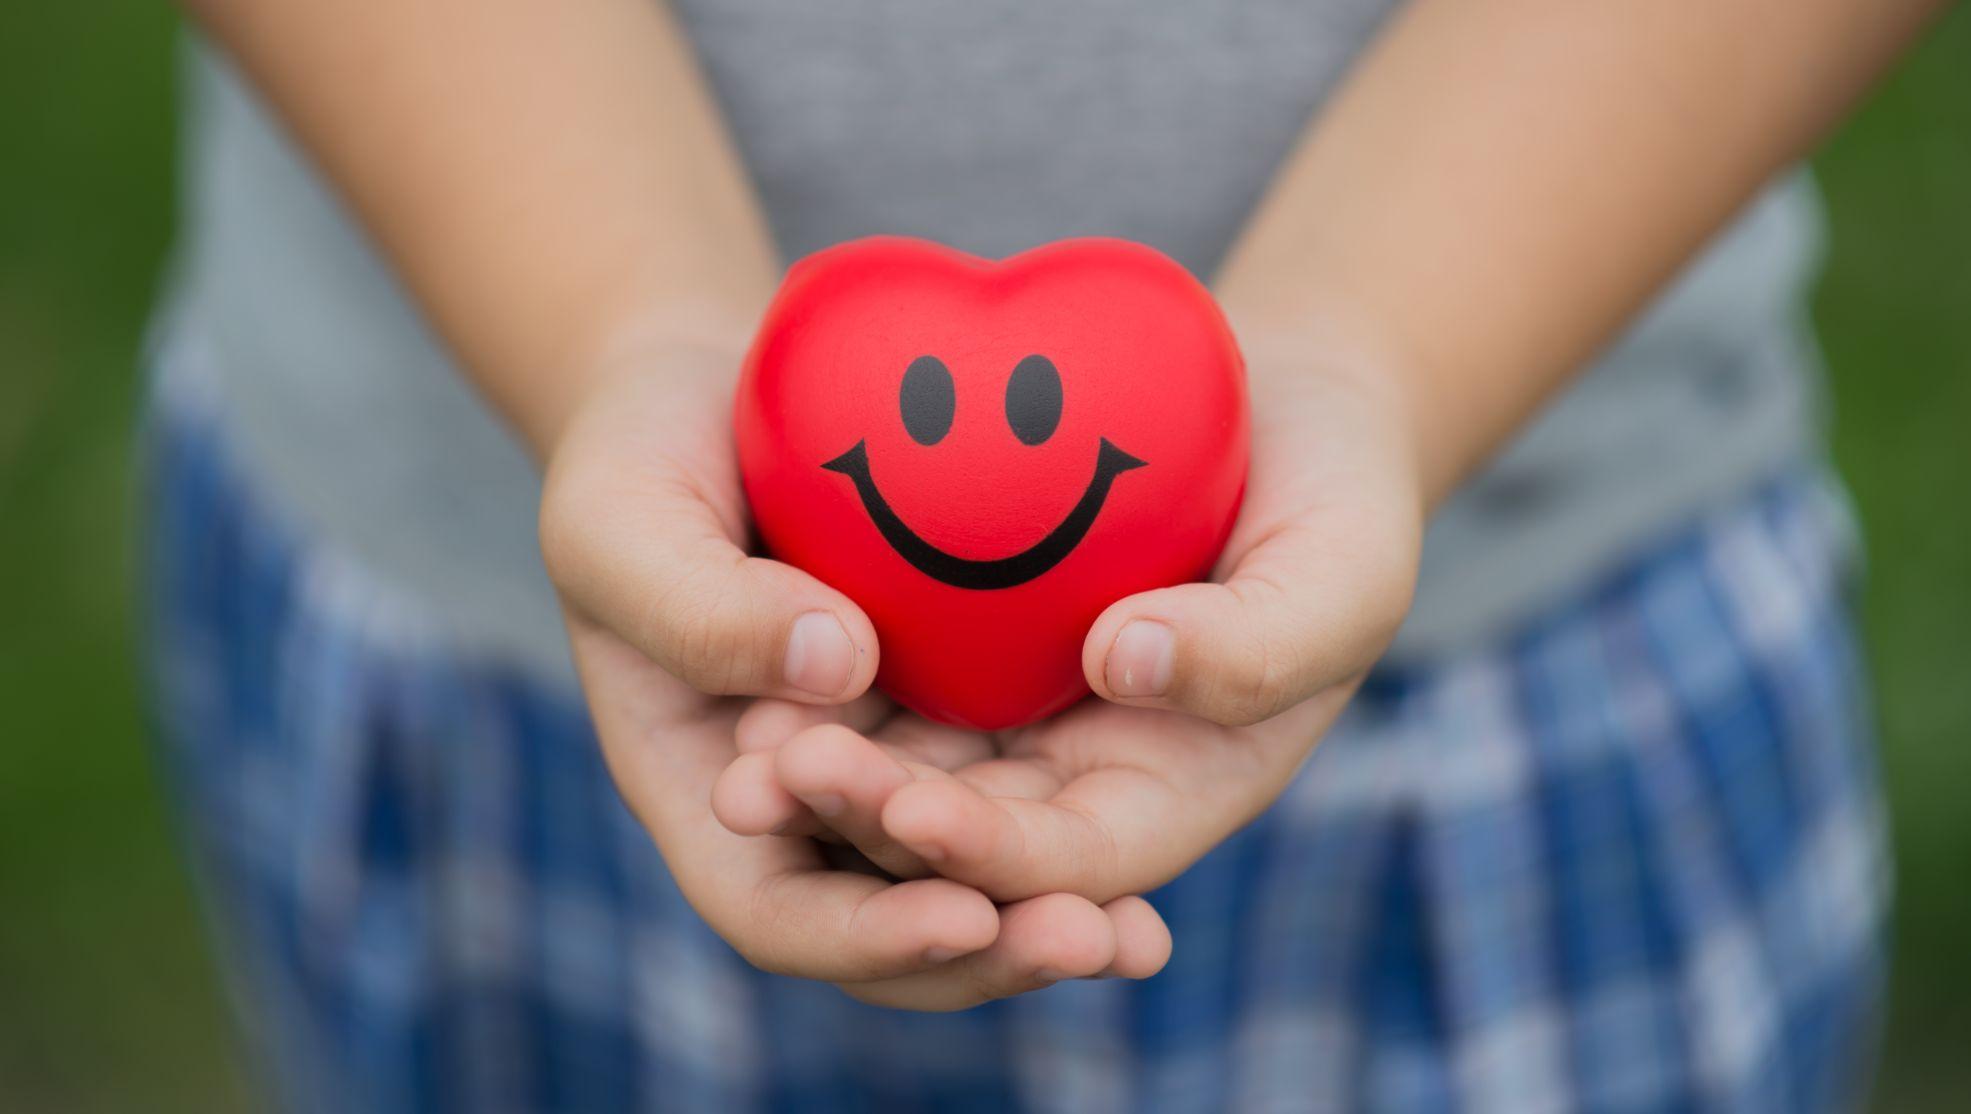 「思いやり」をアピールする自己PR例文 3つの書き方と注意点